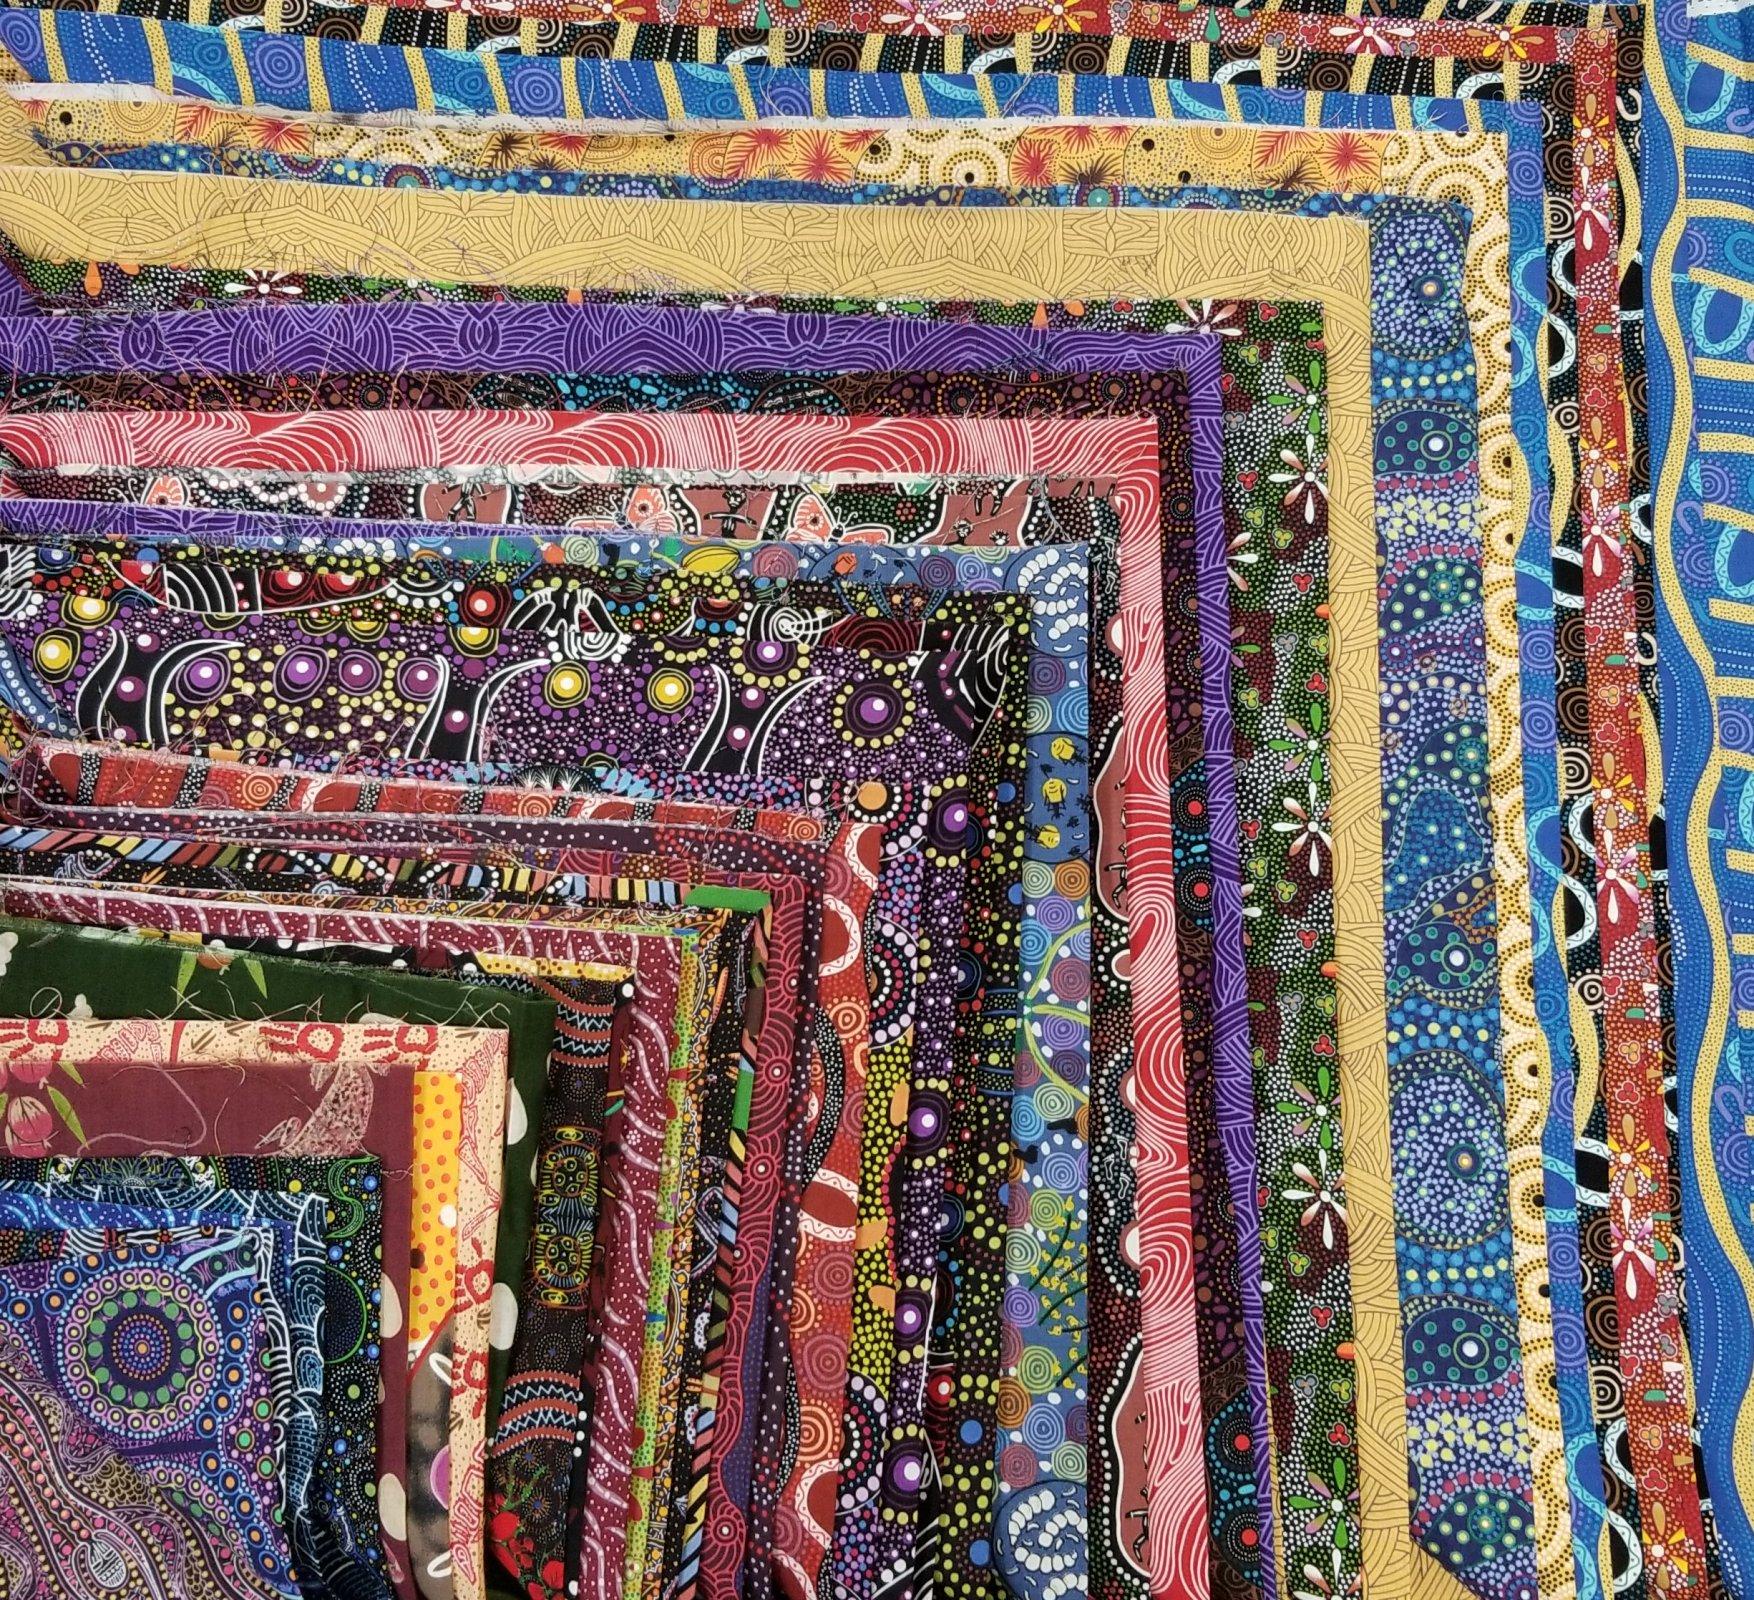 42 pcs 10in x 10in Aboriginal fabrics